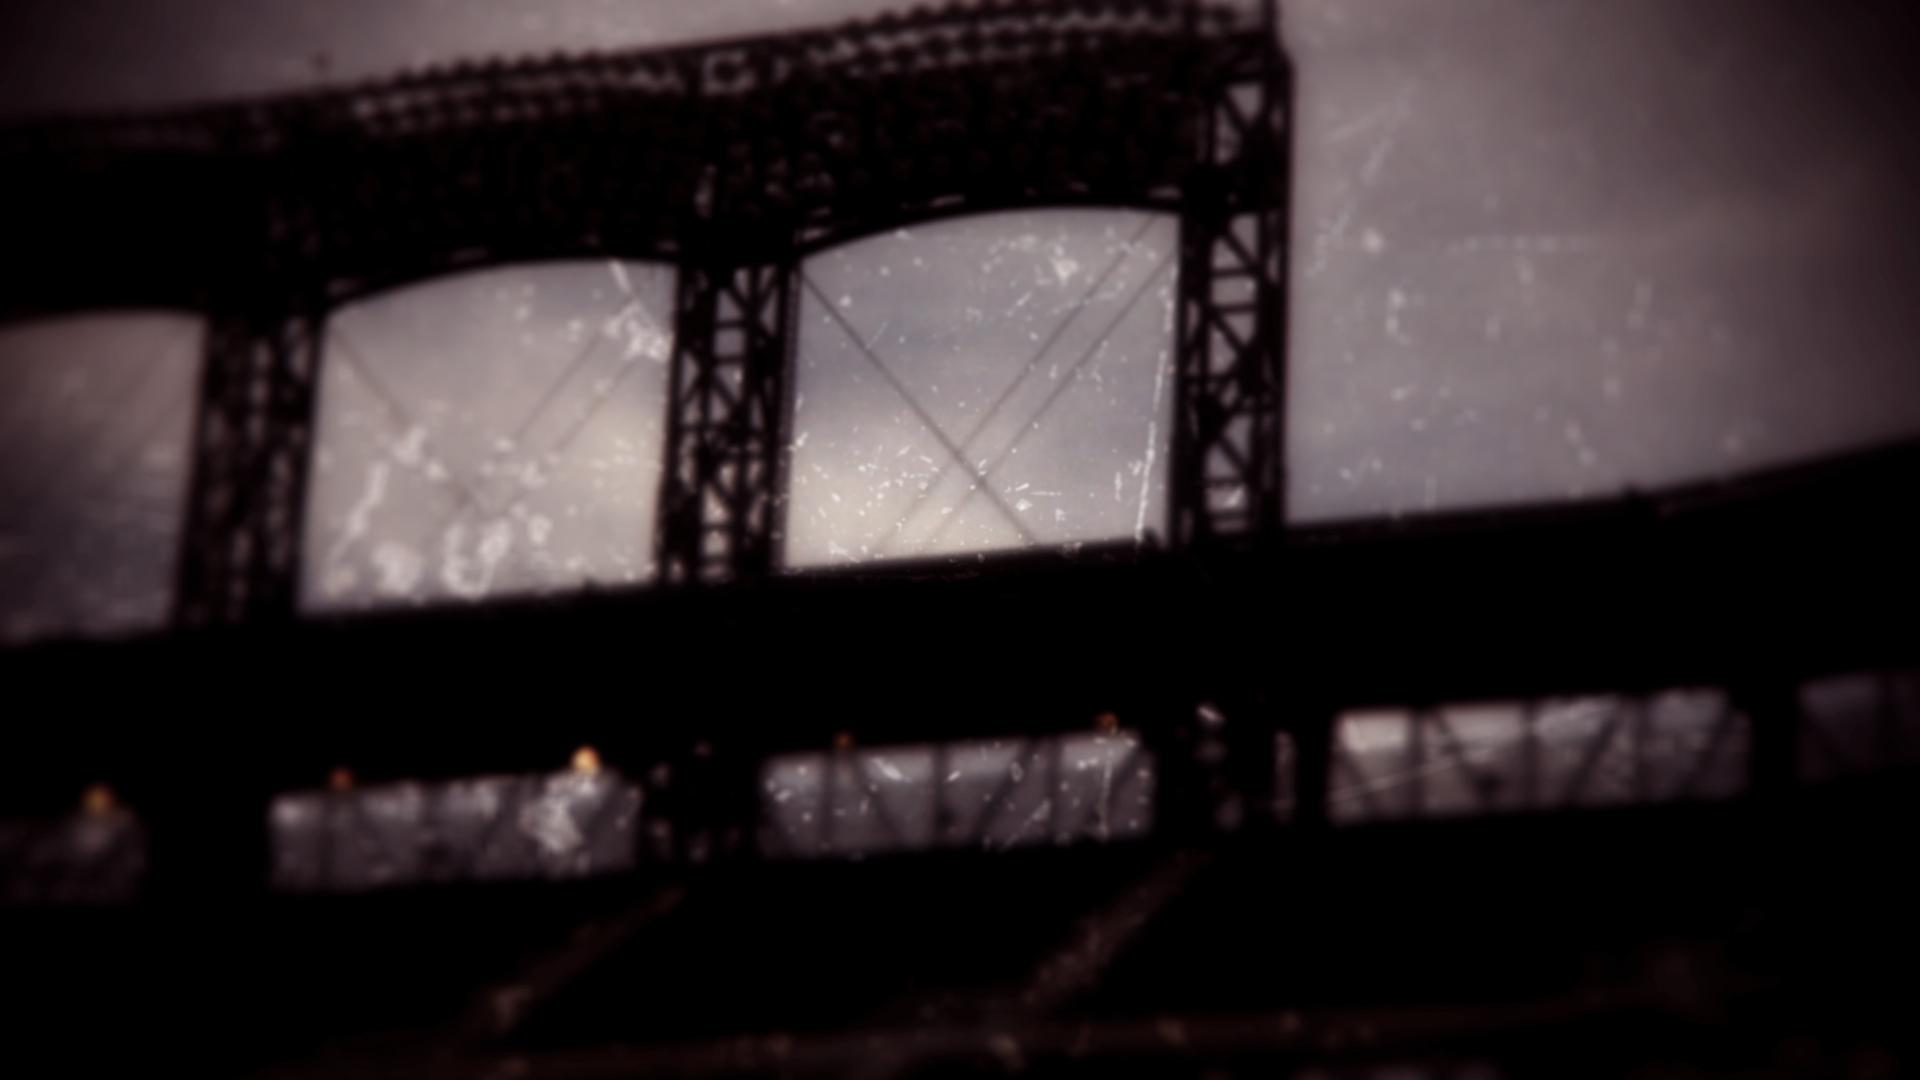 MLB_WDTG_Frame_01_01.jpg